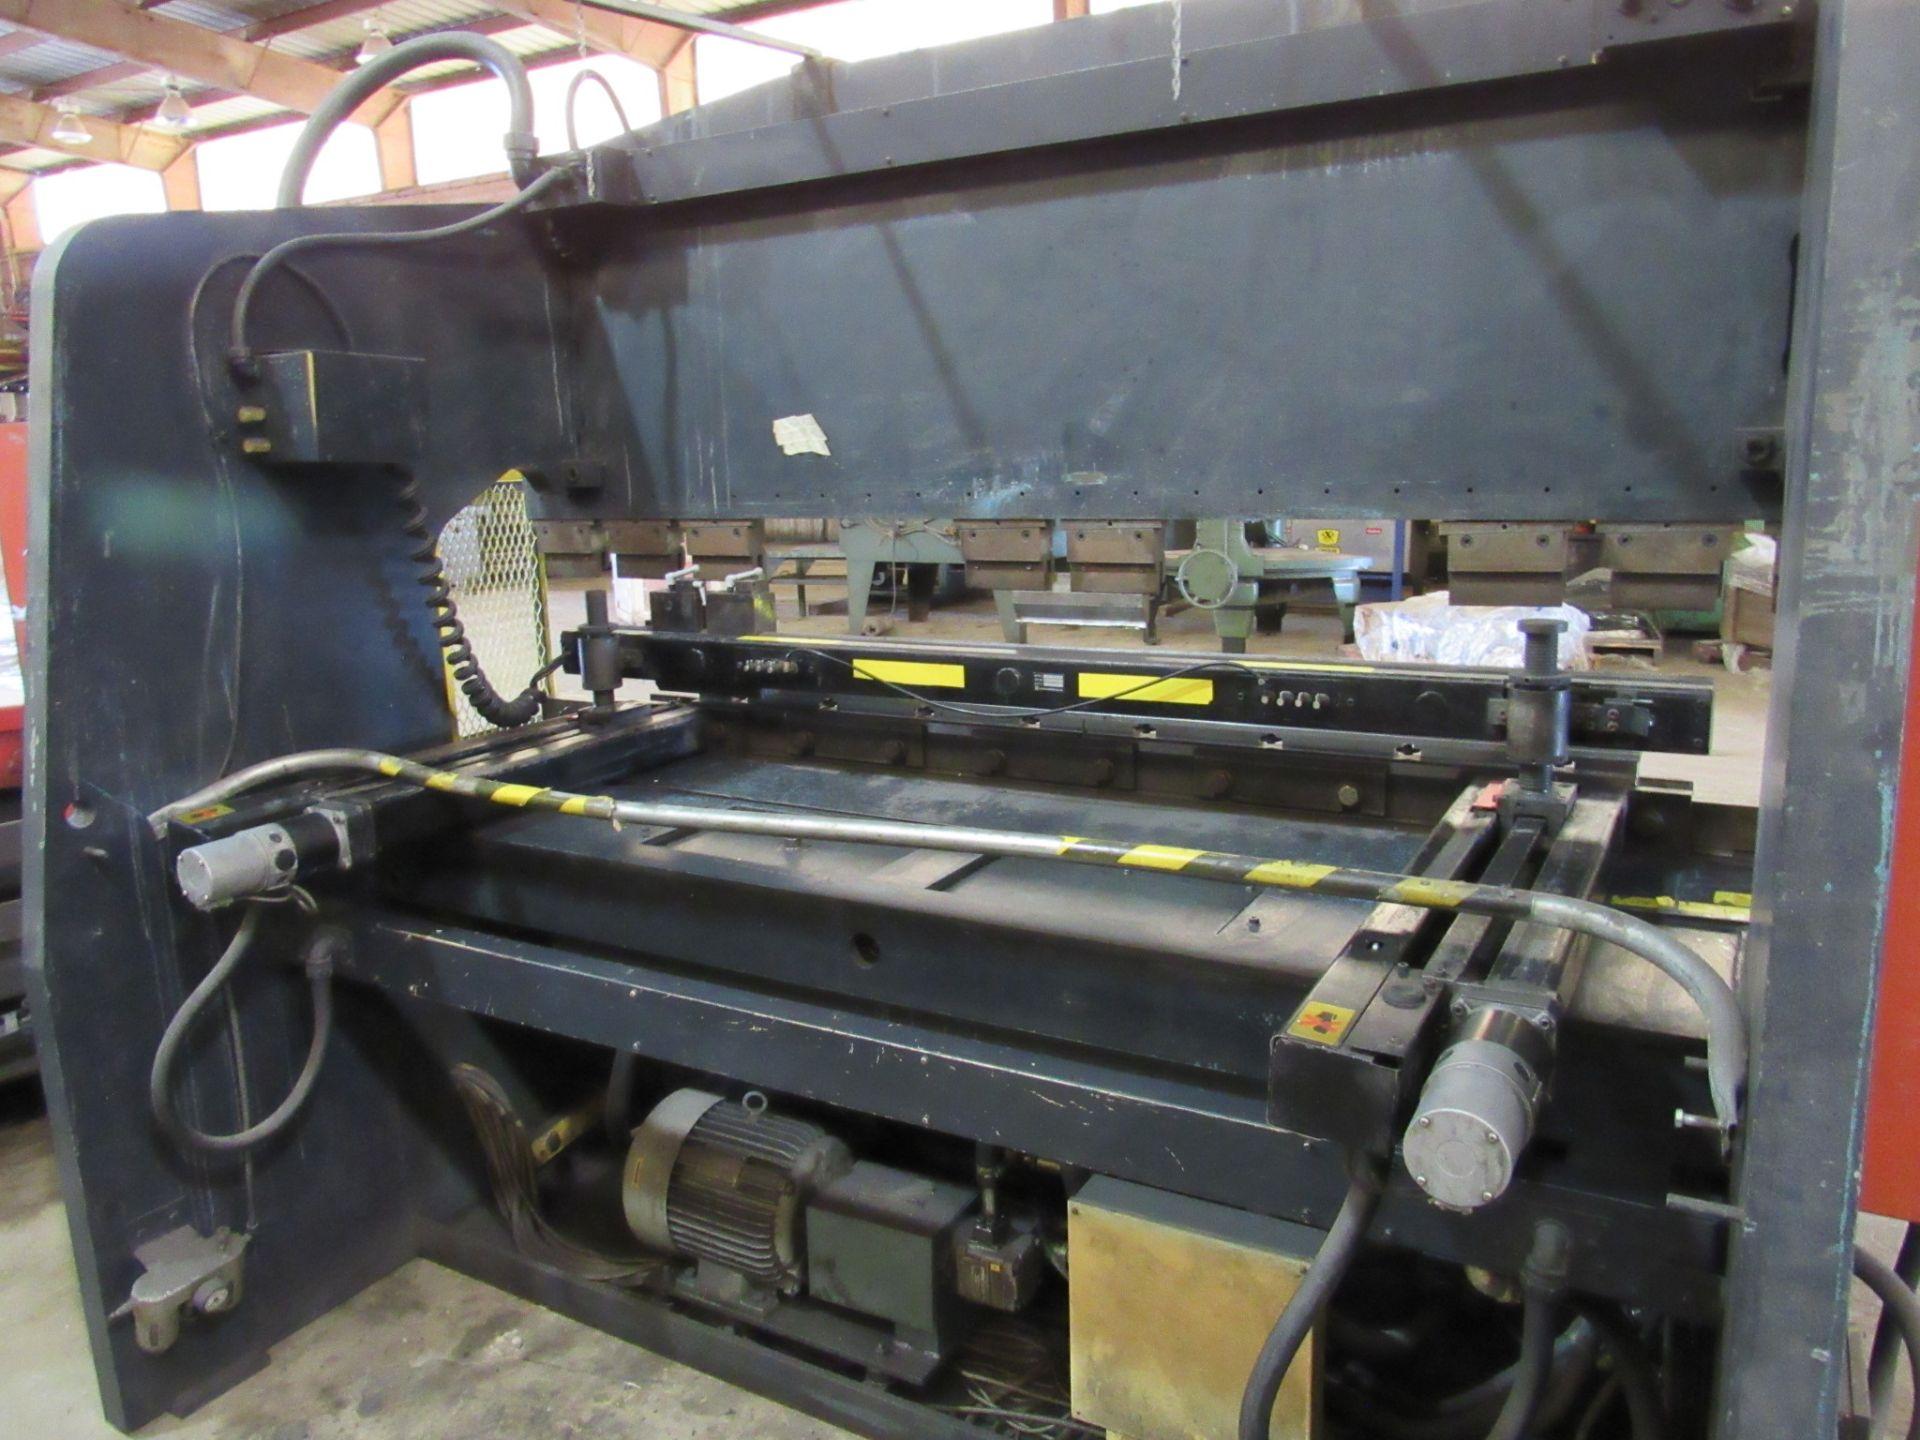 Amada 80 Ton RG 80 Press Brake - Image 7 of 7